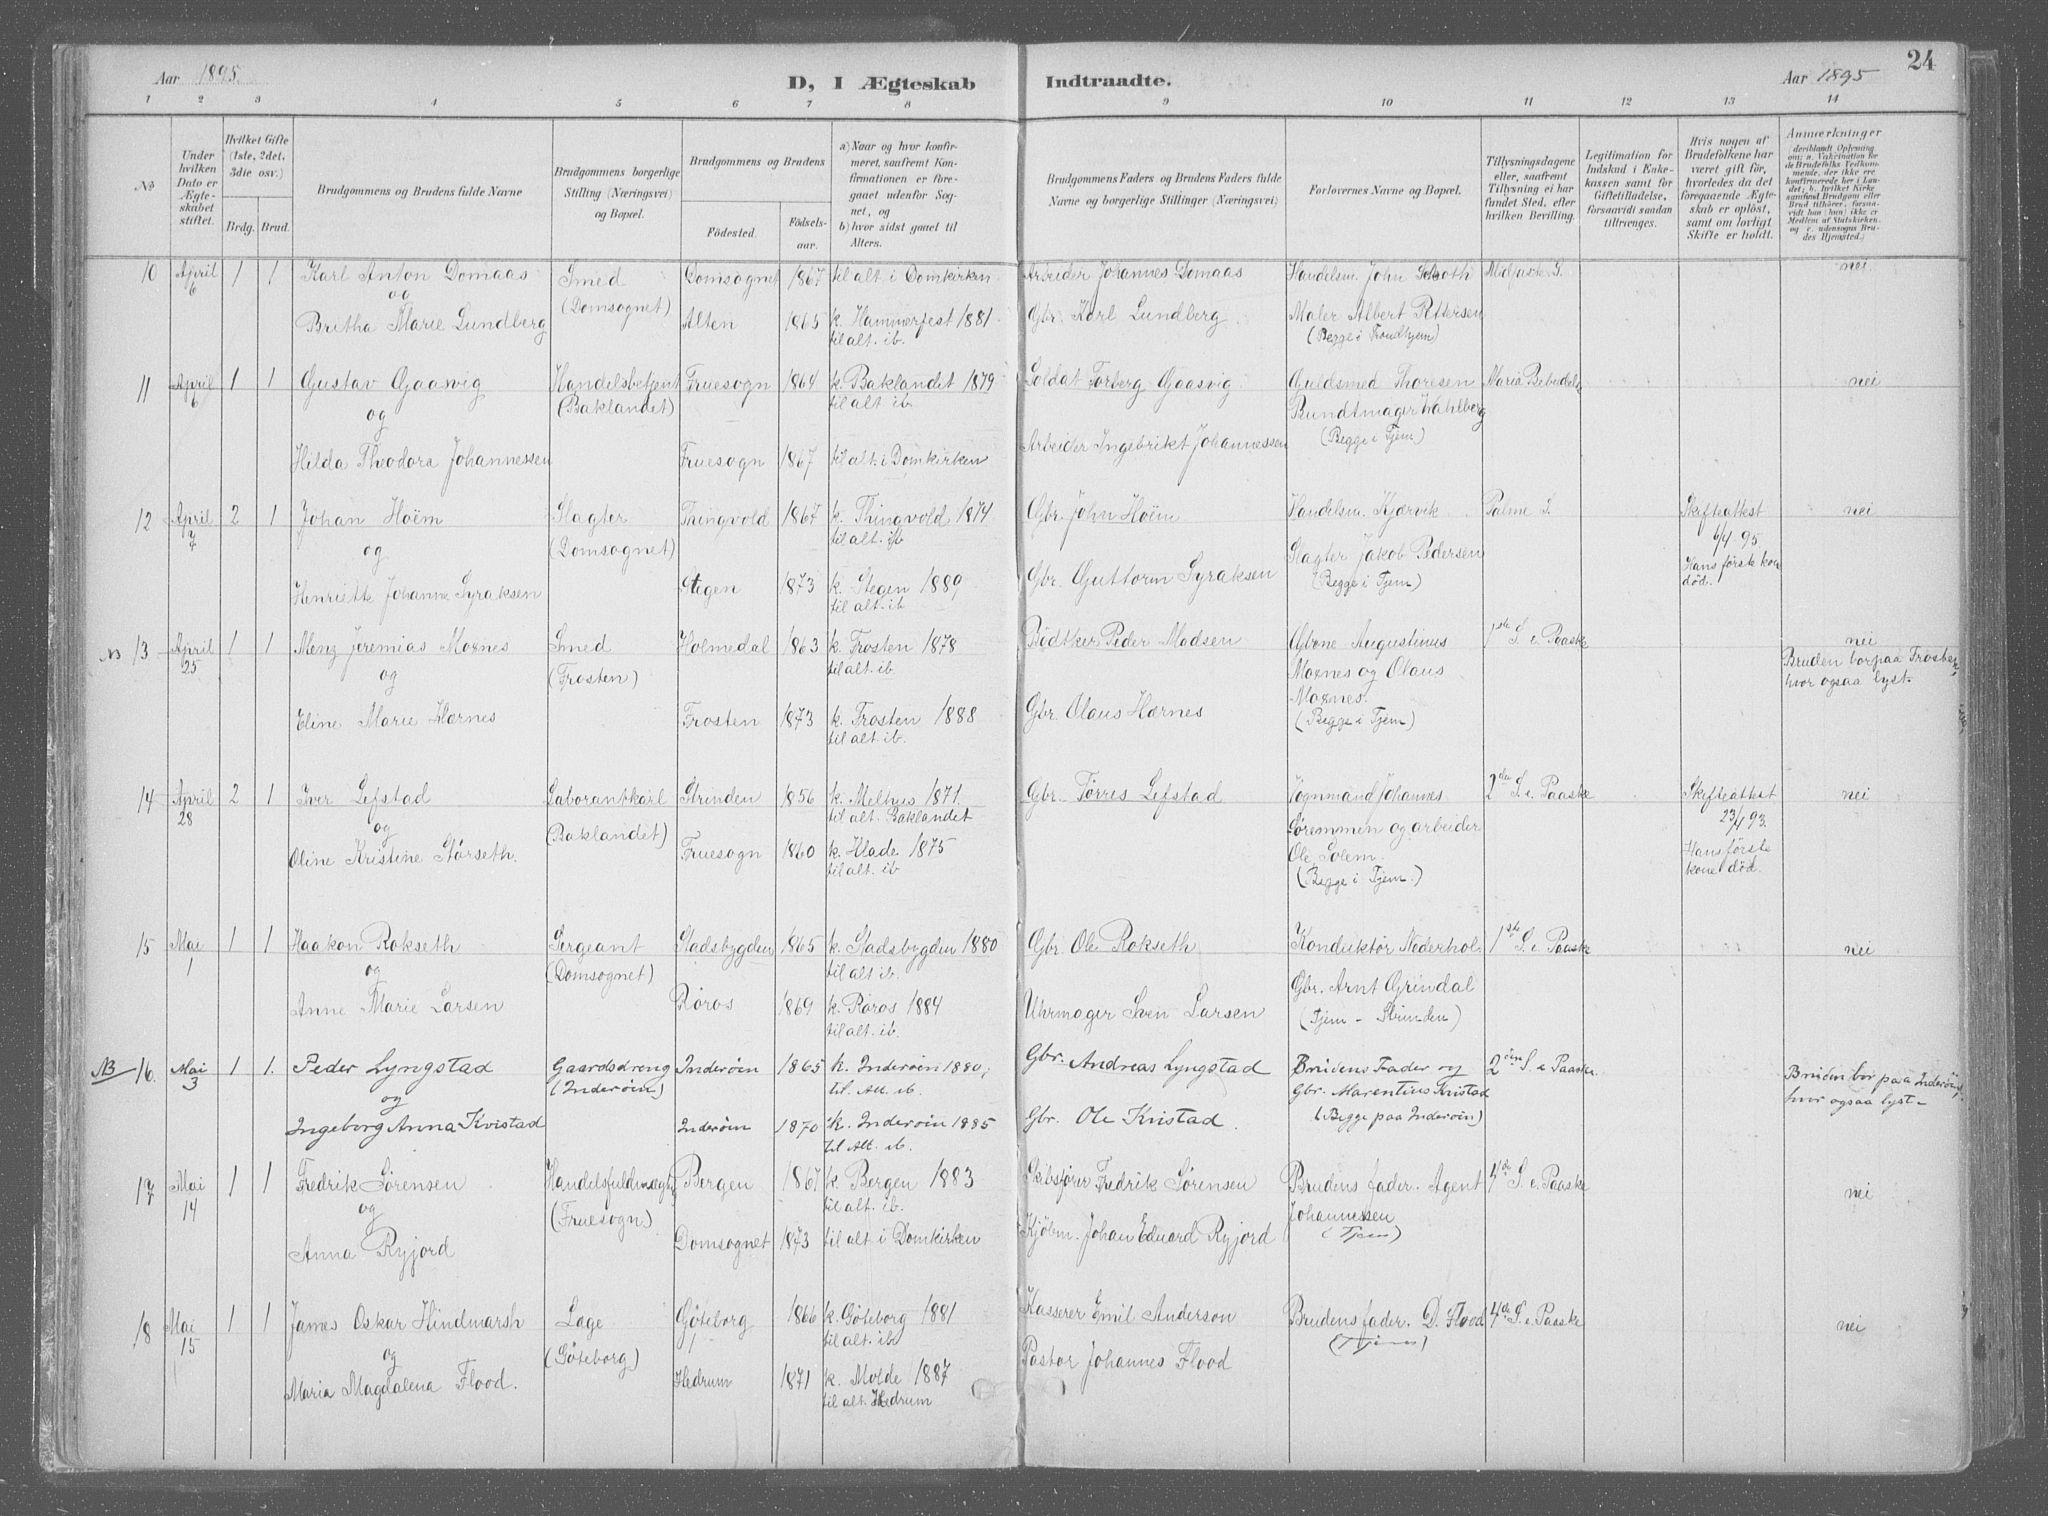 SAT, Ministerialprotokoller, klokkerbøker og fødselsregistre - Sør-Trøndelag, 601/L0064: Ministerialbok nr. 601A31, 1891-1911, s. 24